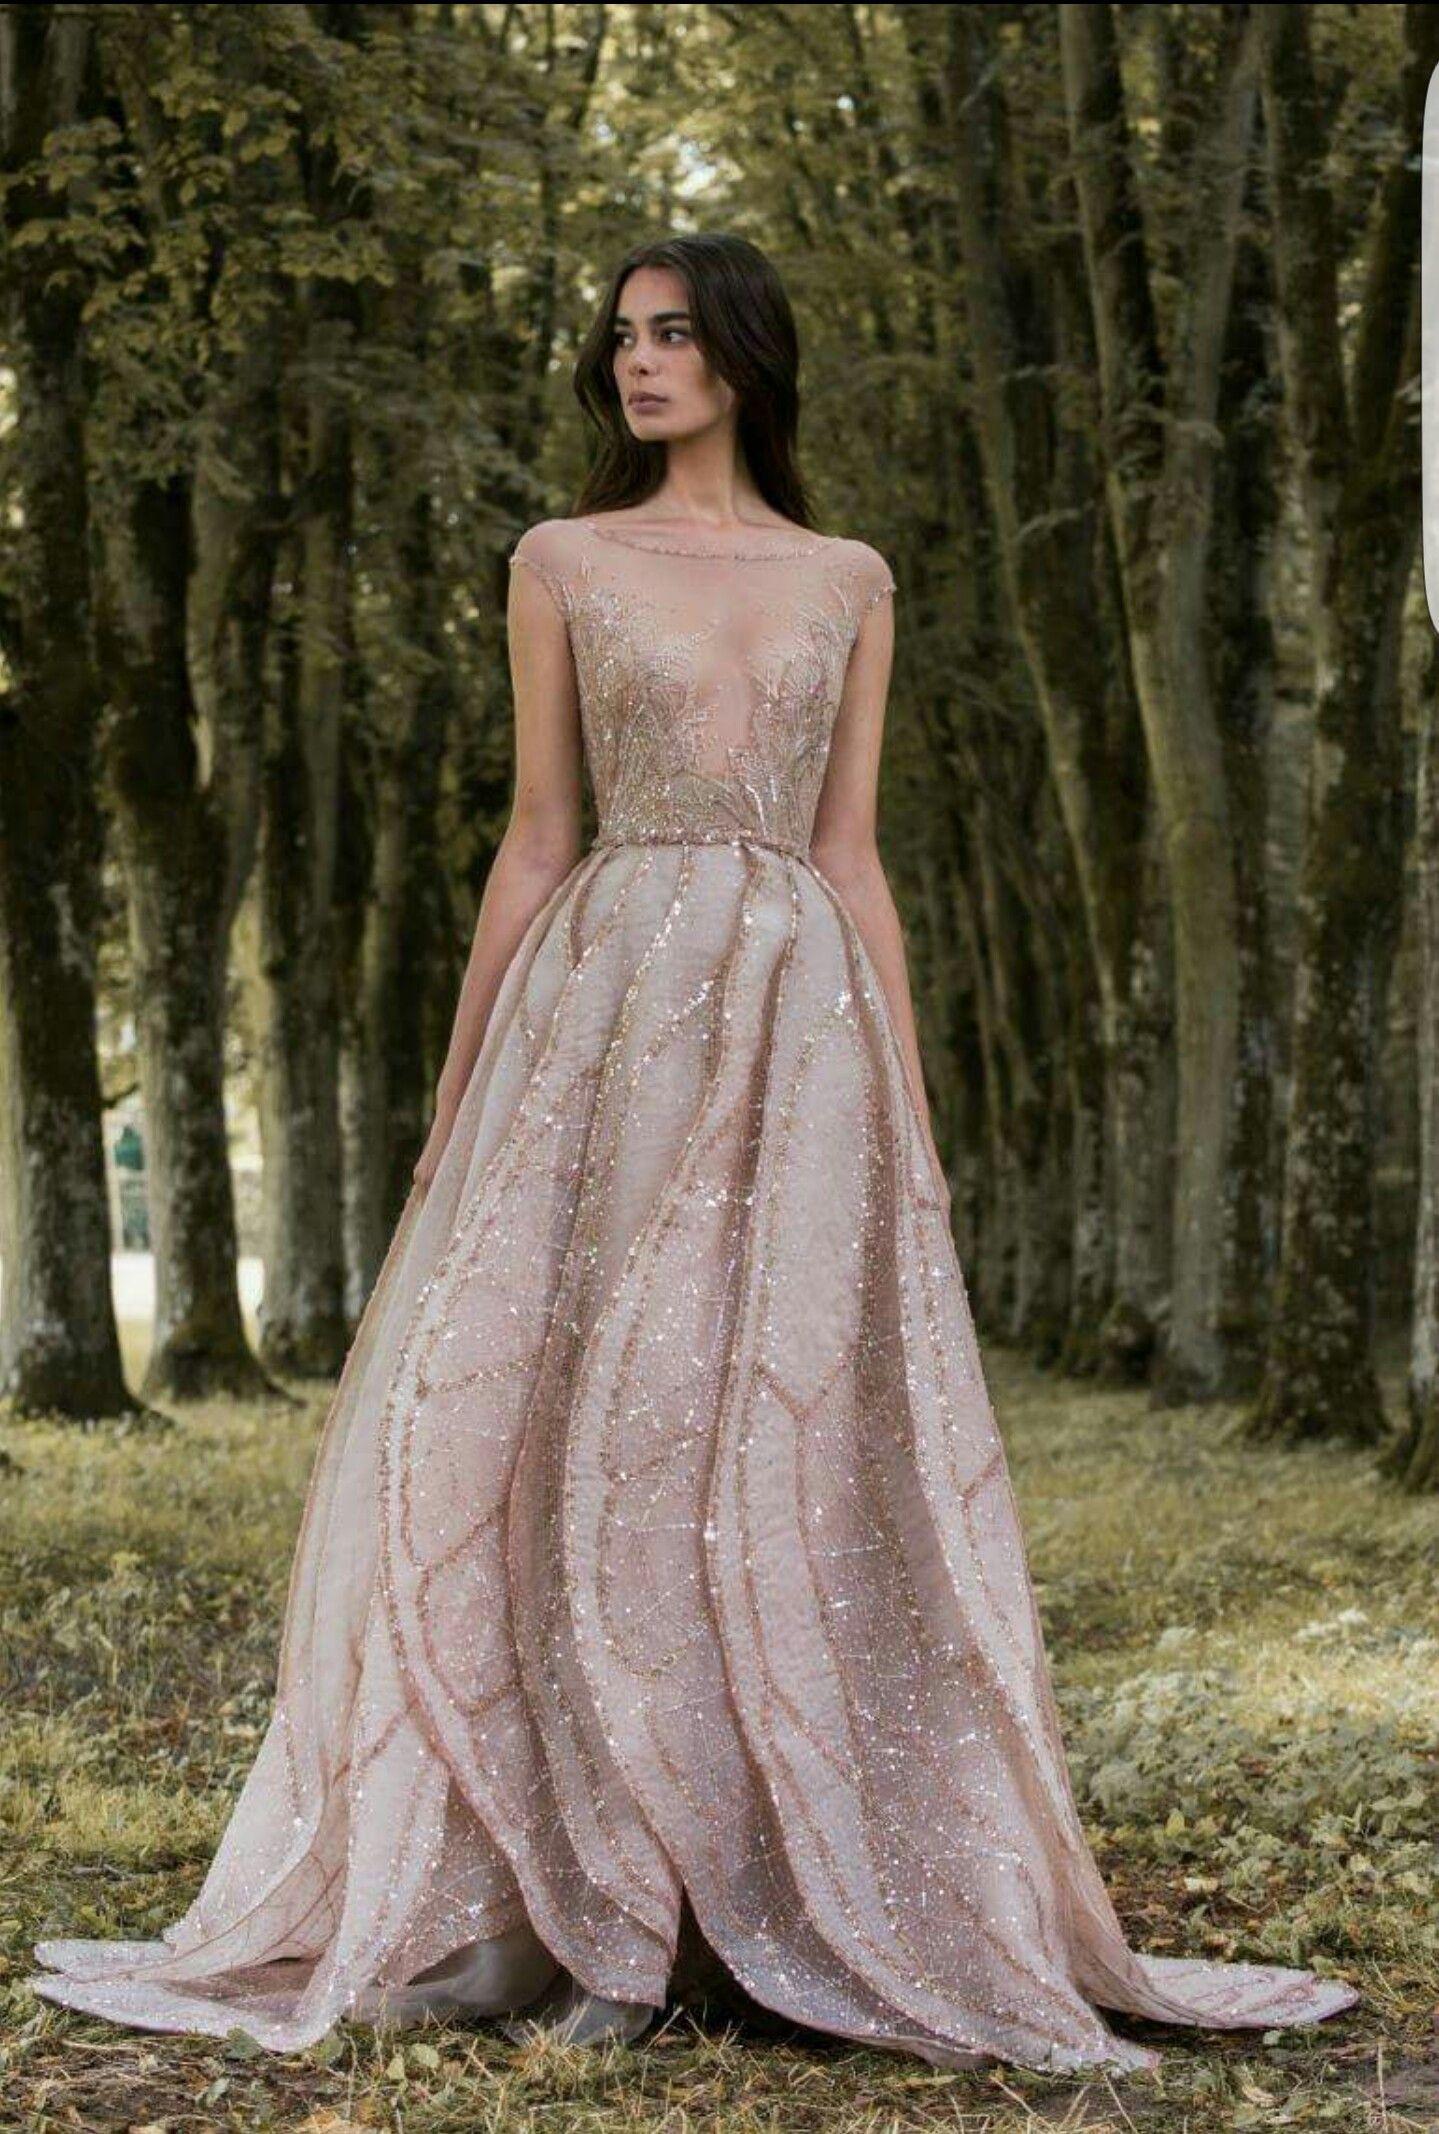 Pin von Melissa Austin auf Bridal Couture | Pinterest | Traumkleider ...